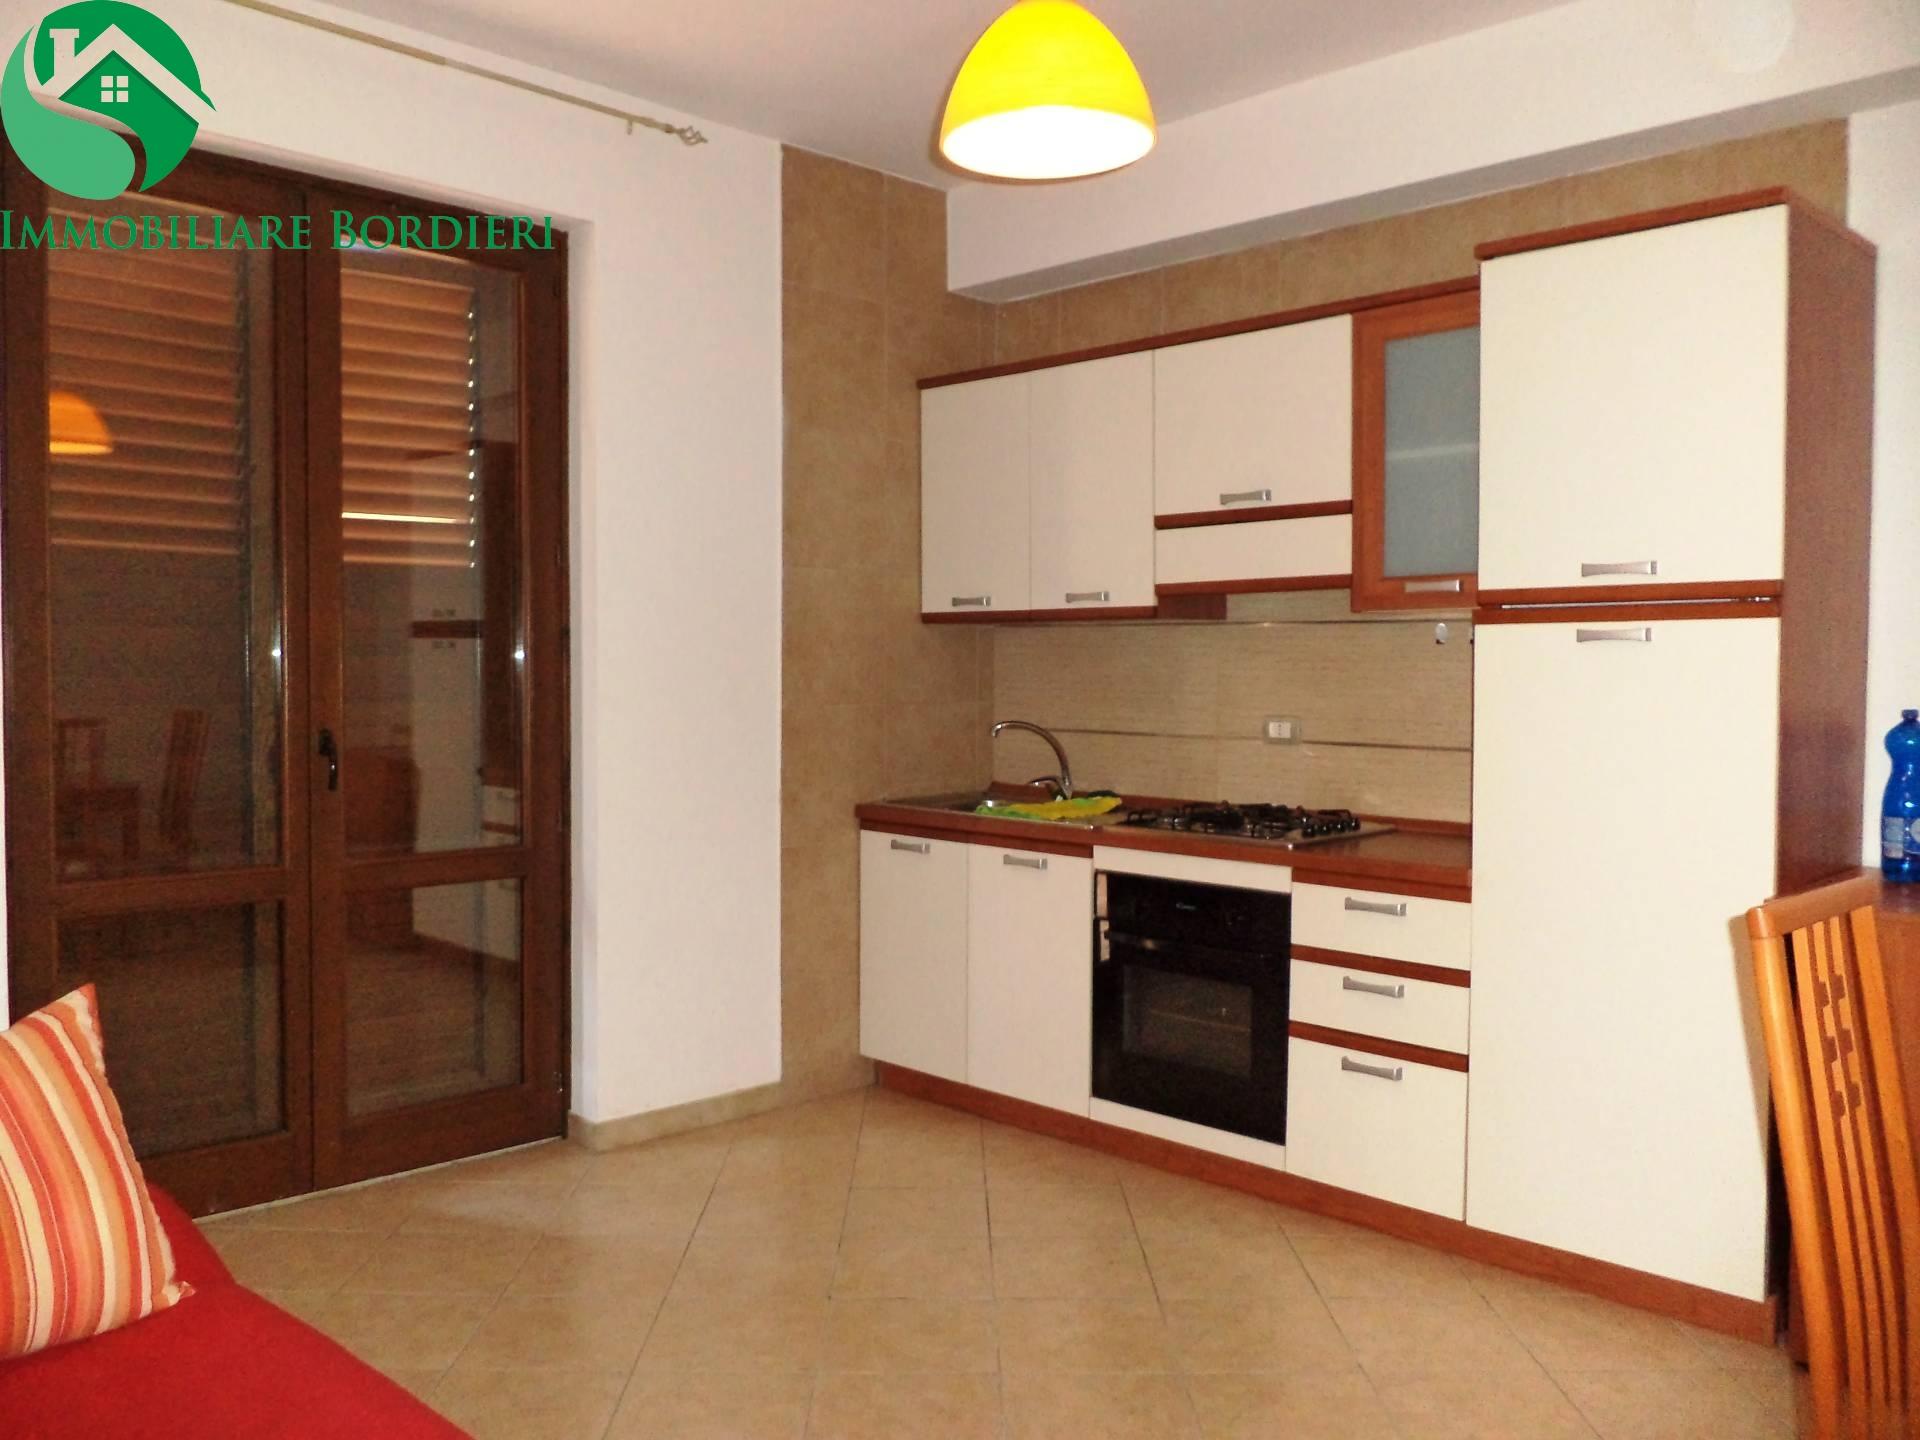 Appartamento in affitto a Siracusa, 2 locali, zona Zona: Belvedere, prezzo € 450 | CambioCasa.it